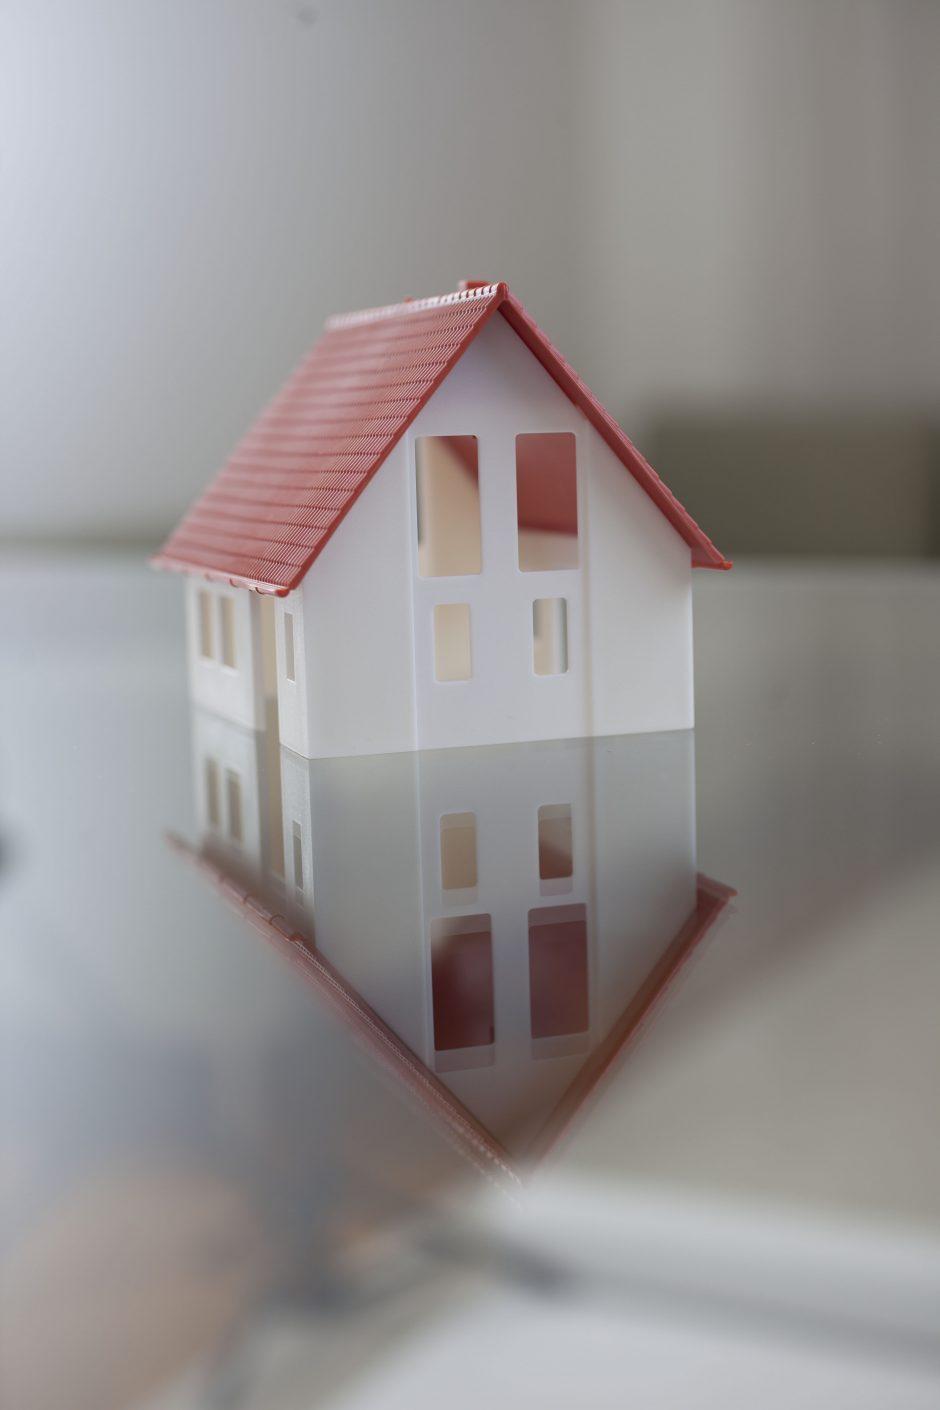 Unser Experten-Tipp: Vom Eigenheim in die Eigentumswohnung